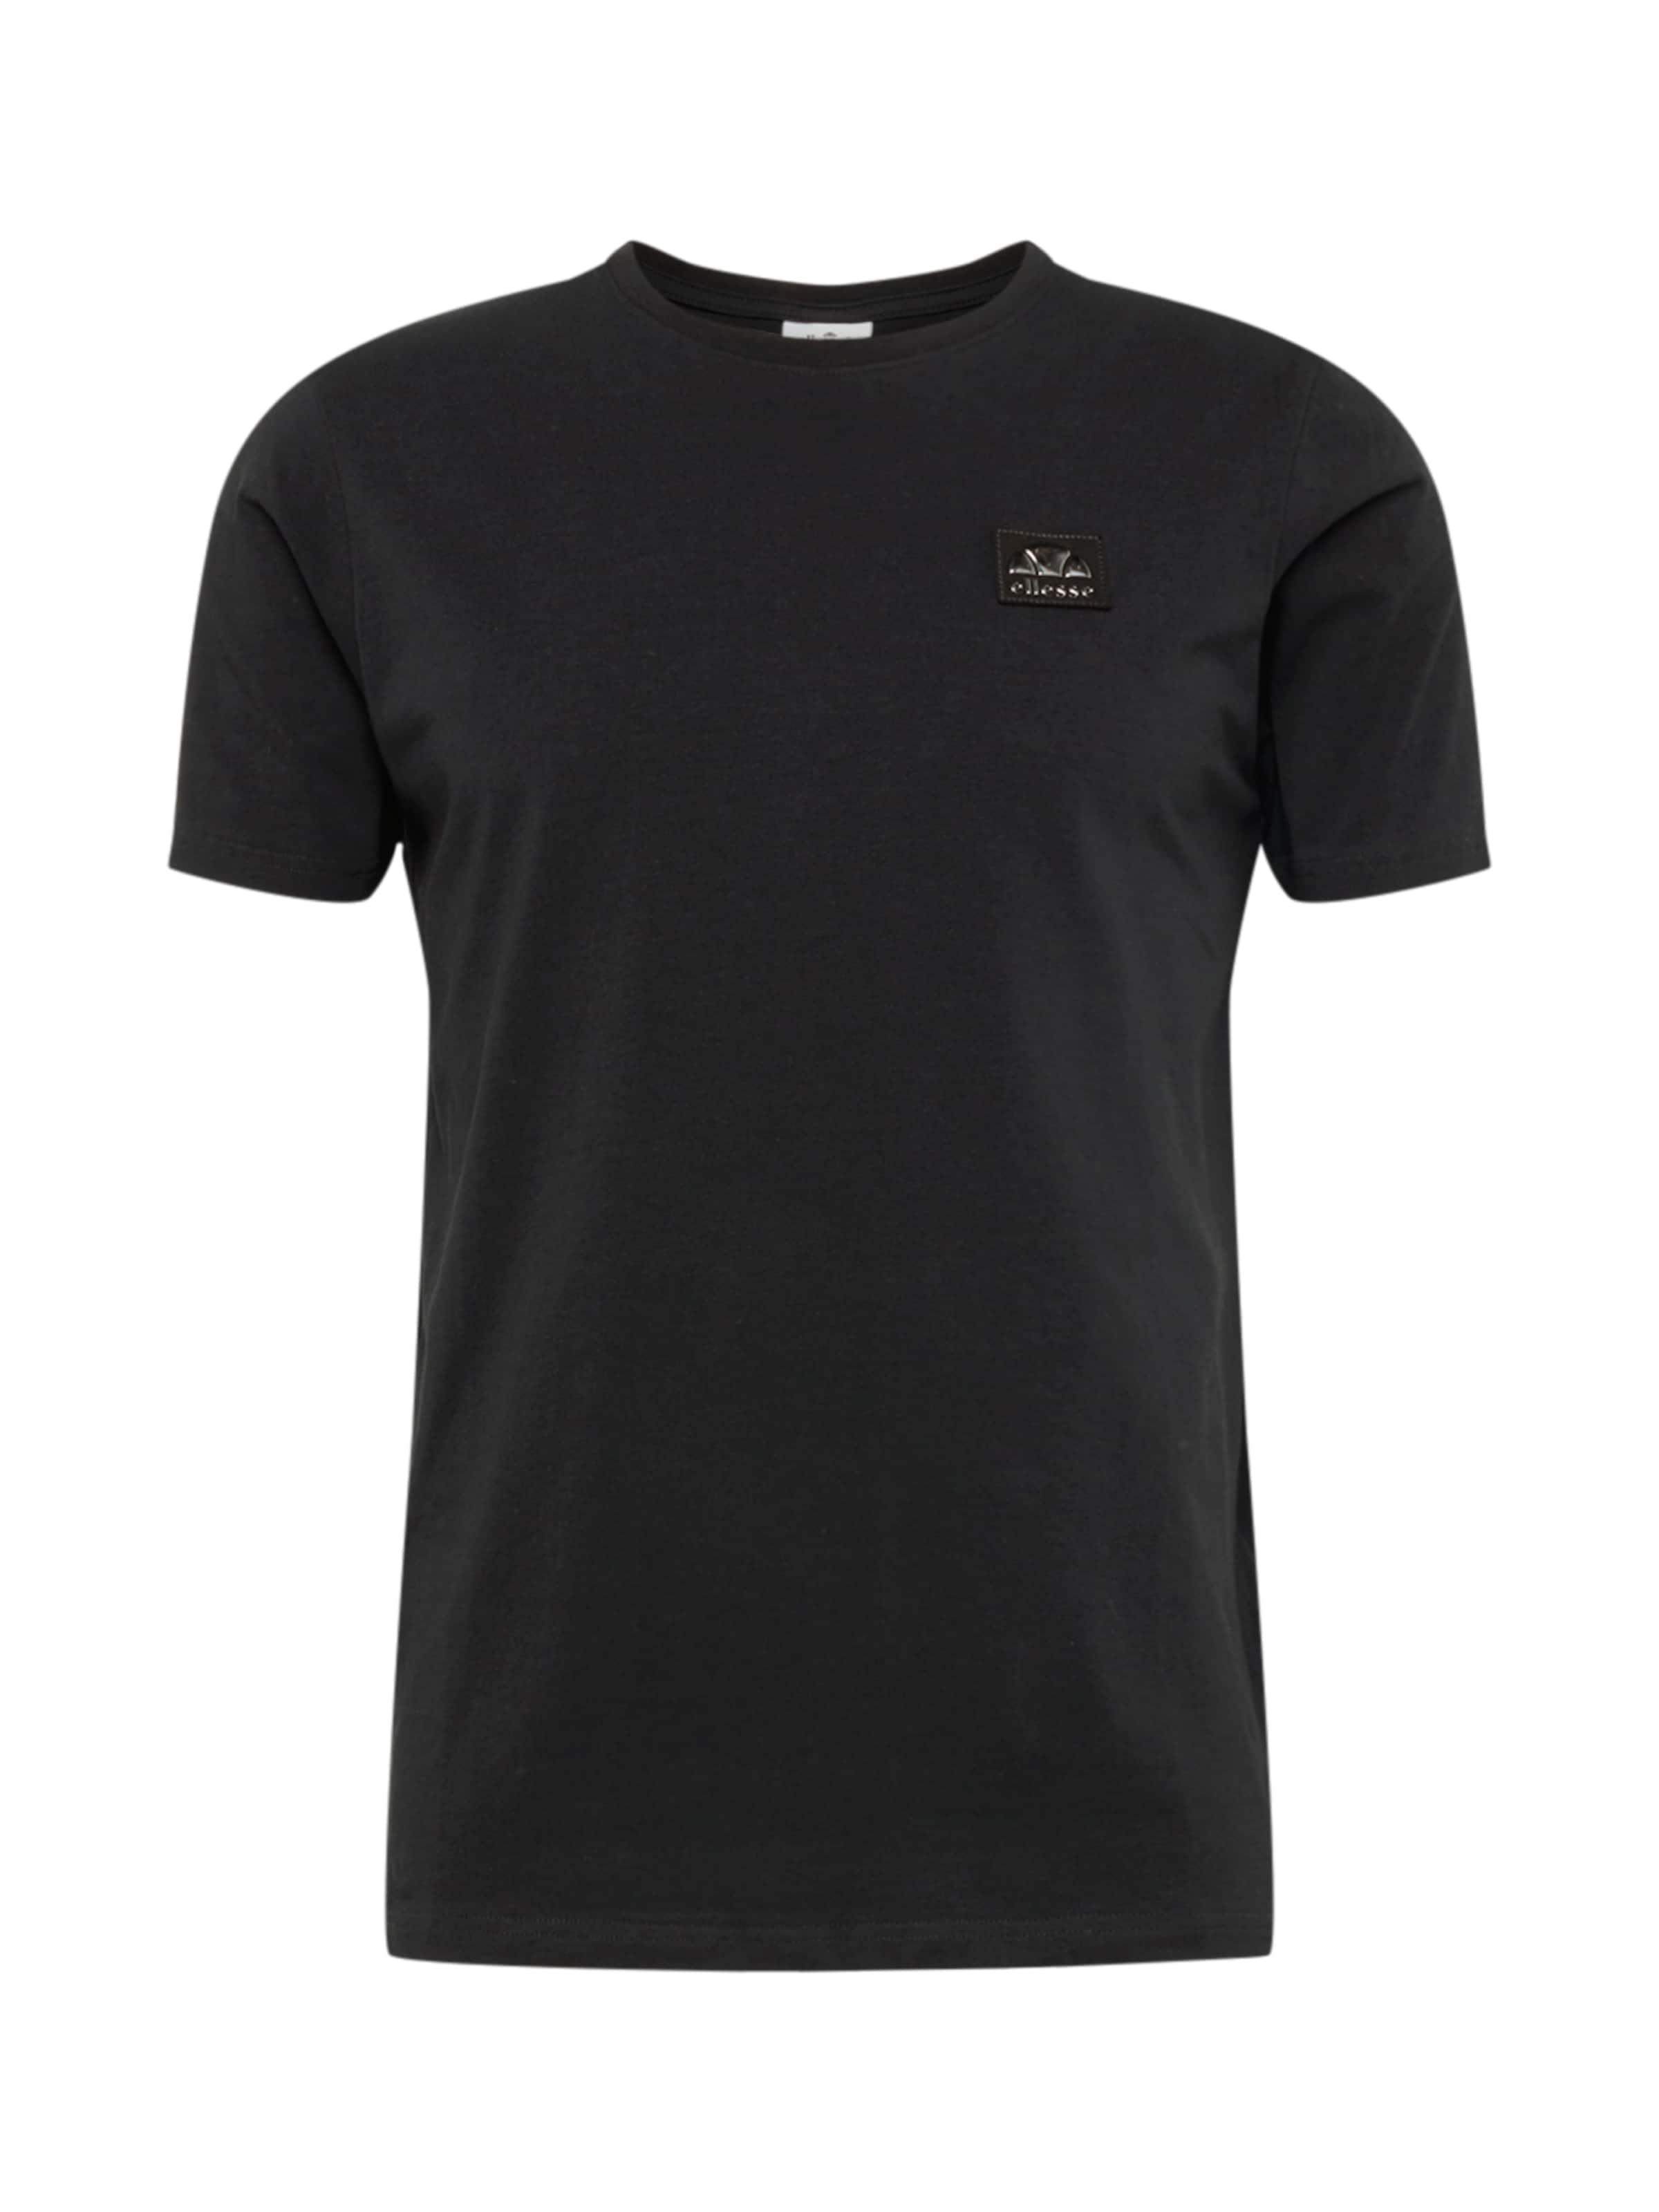 Ellesse 'gigante' Schwarz In shirt T 08nXOPwk